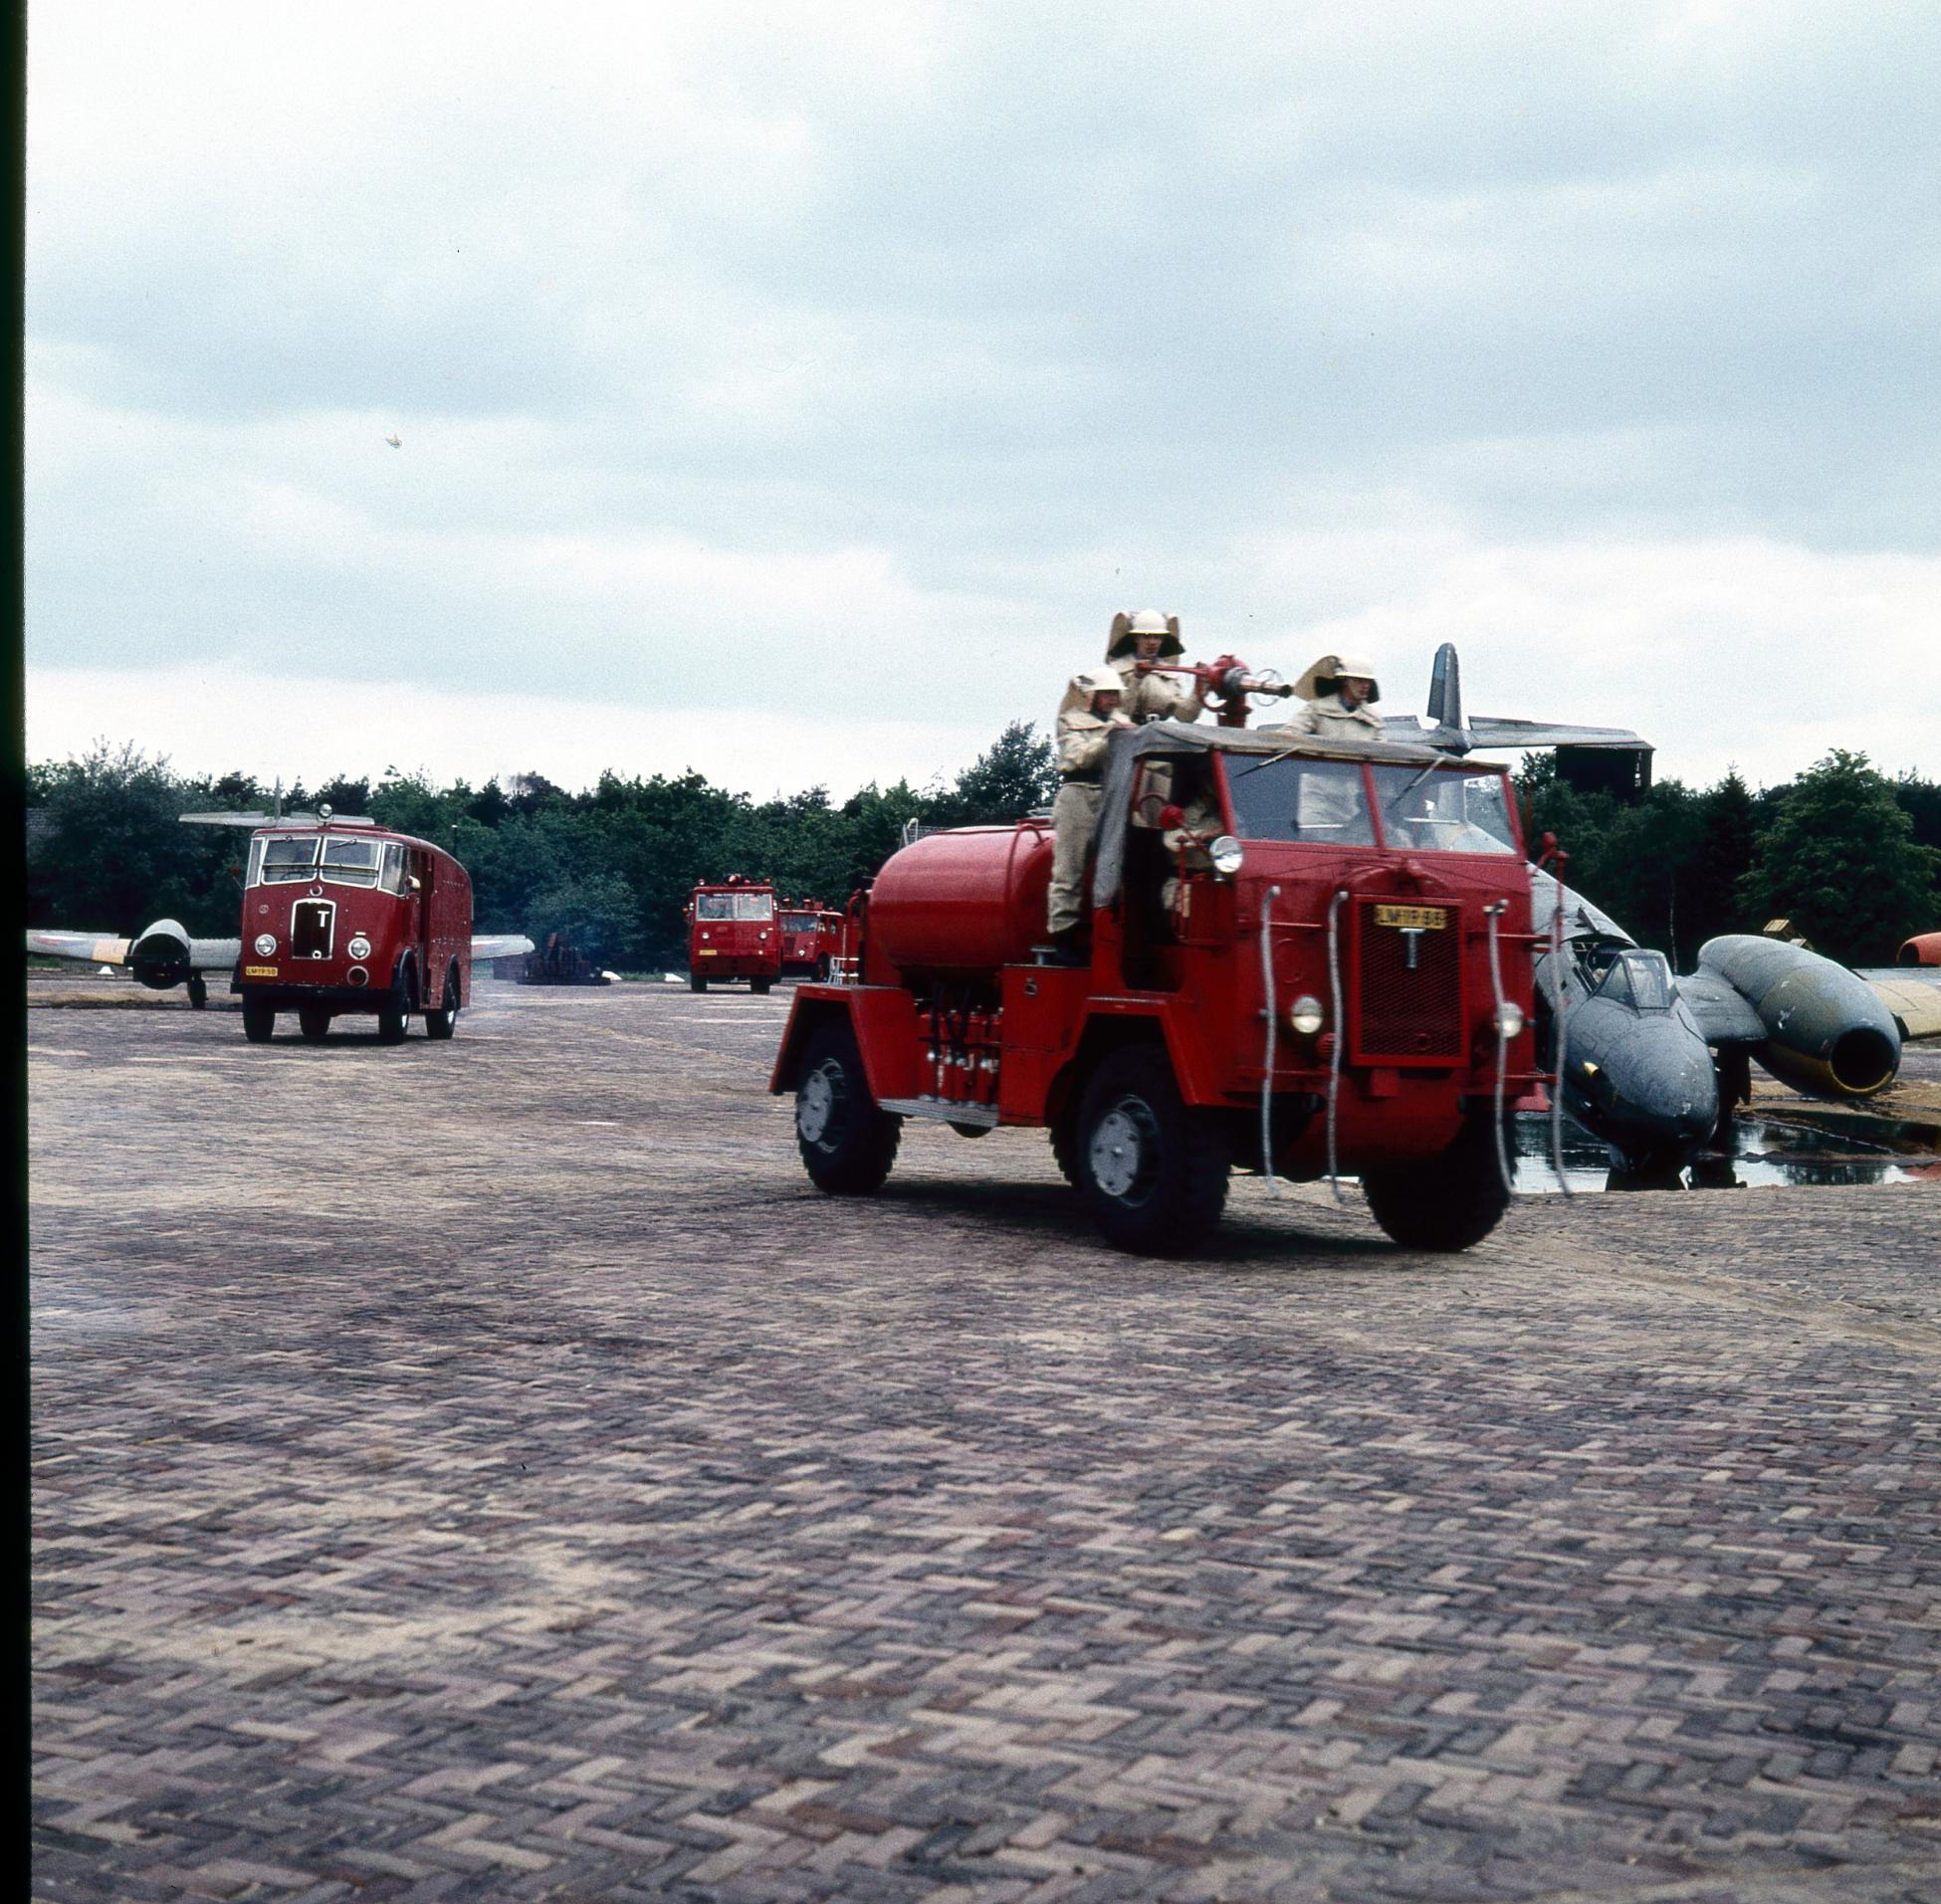 Naam: brandweer070 (Custom).jpg Bekeken: 367 Grootte: 495,5 KB